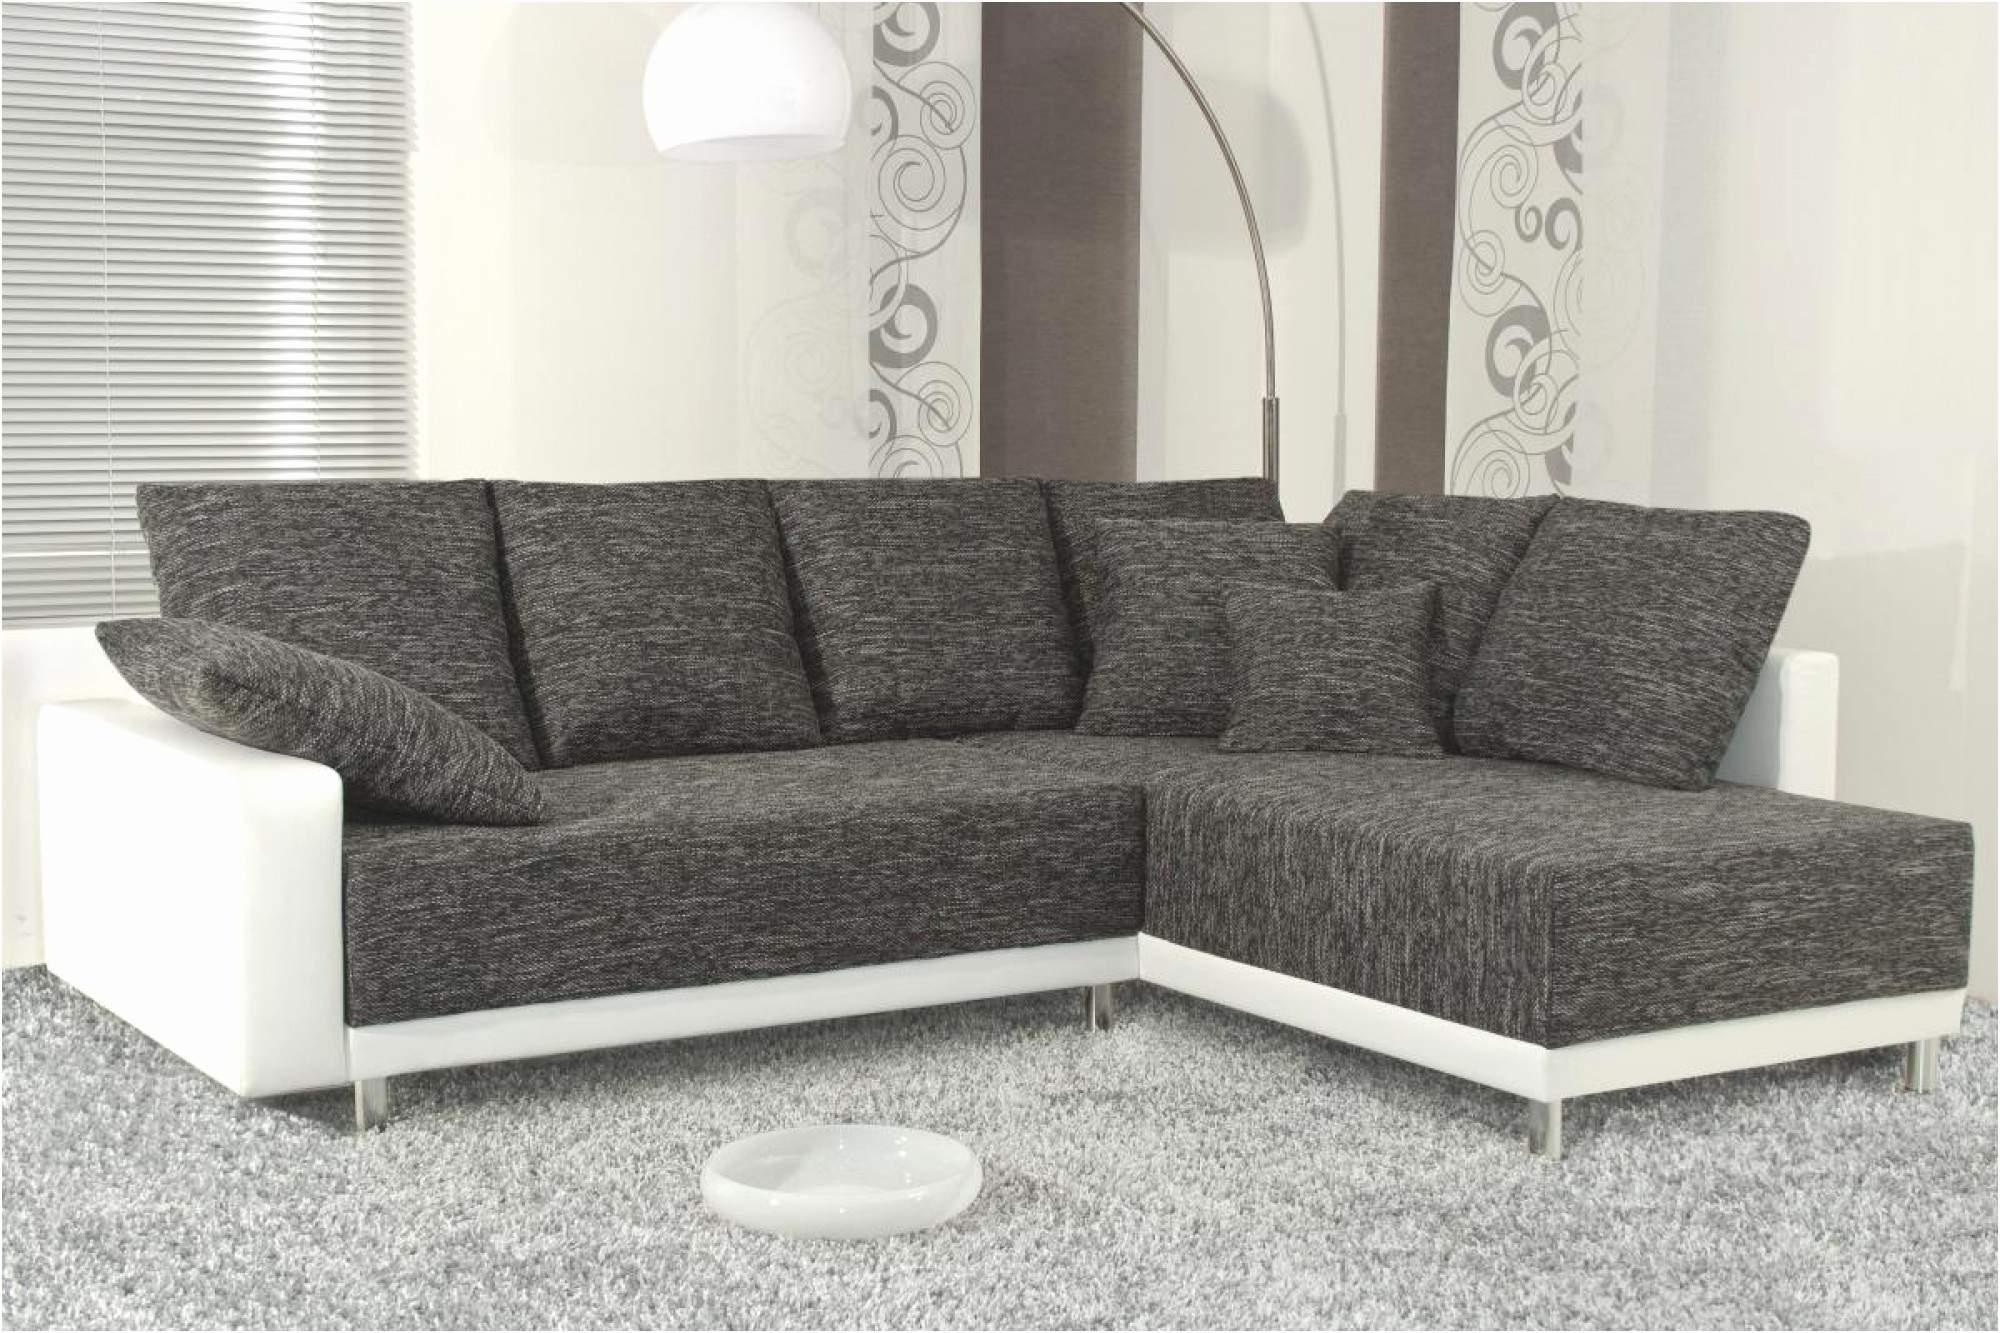 kuchen l form poco elegant ecksofa poco elegant big sofa xxl poco sofa gunstig poco elegant of kuchen l form poco